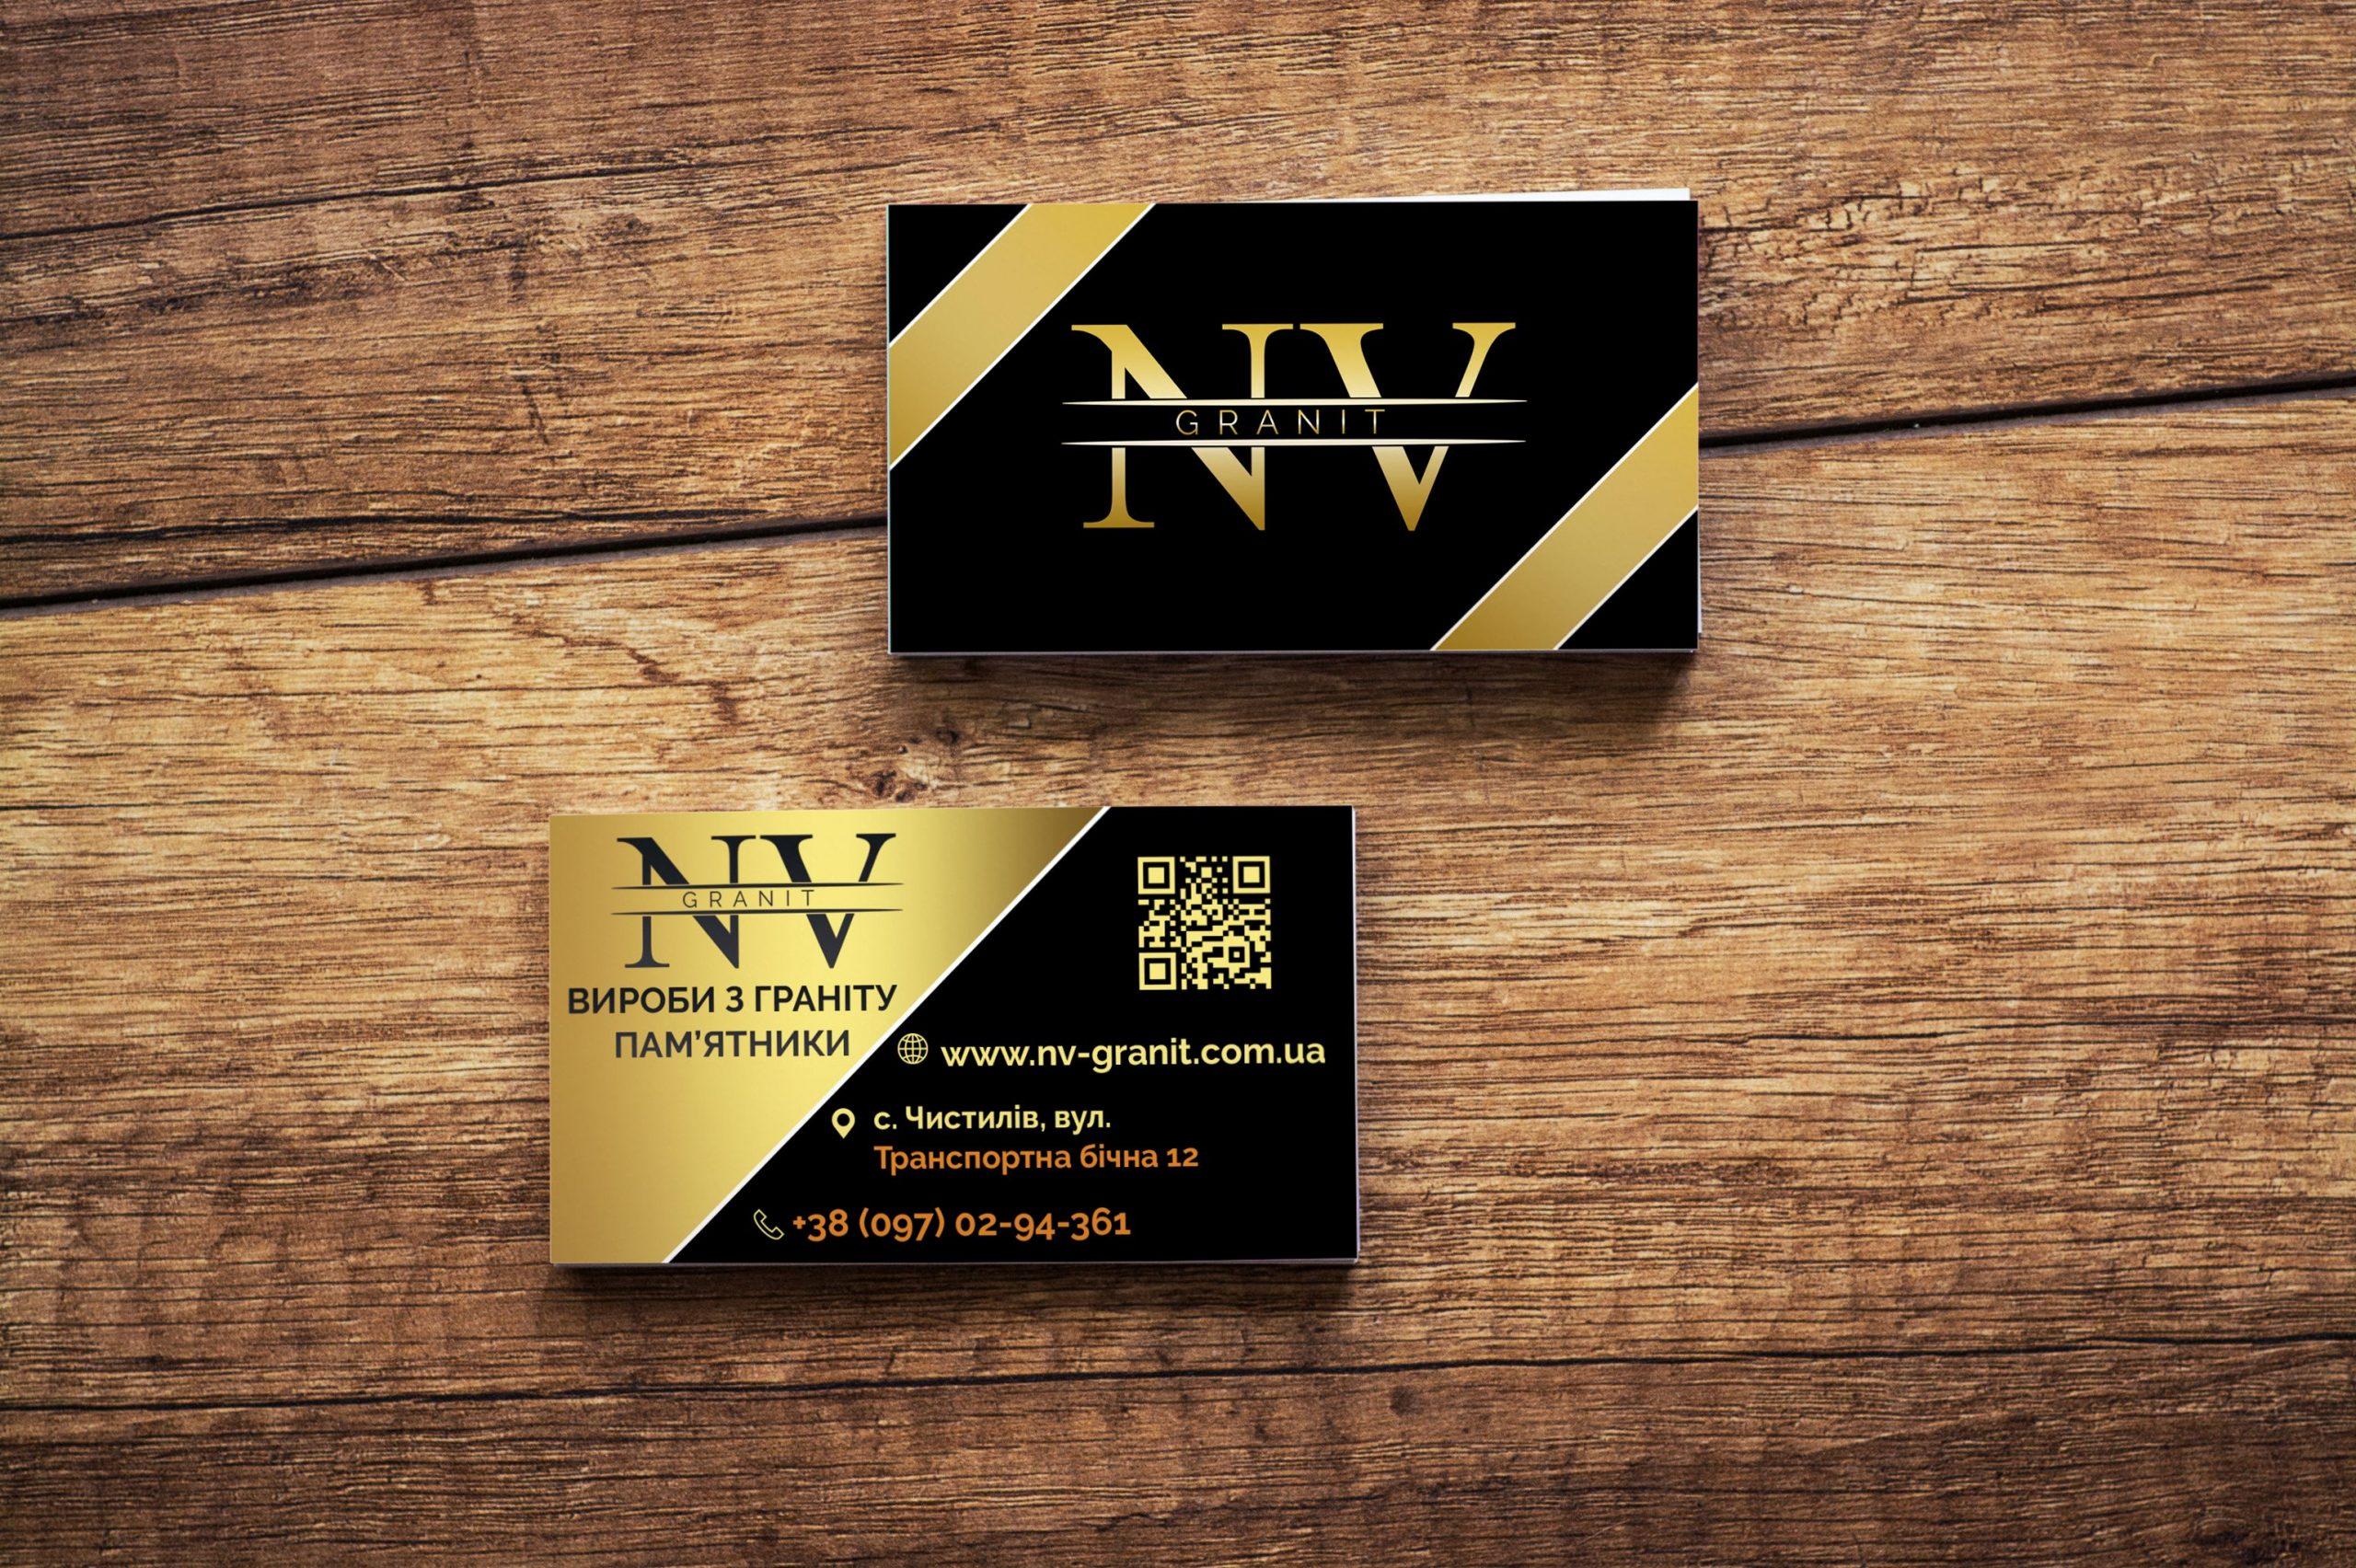 """Розробка візитки для компанії, що створює вироби з граніту """"Nv Granit"""""""